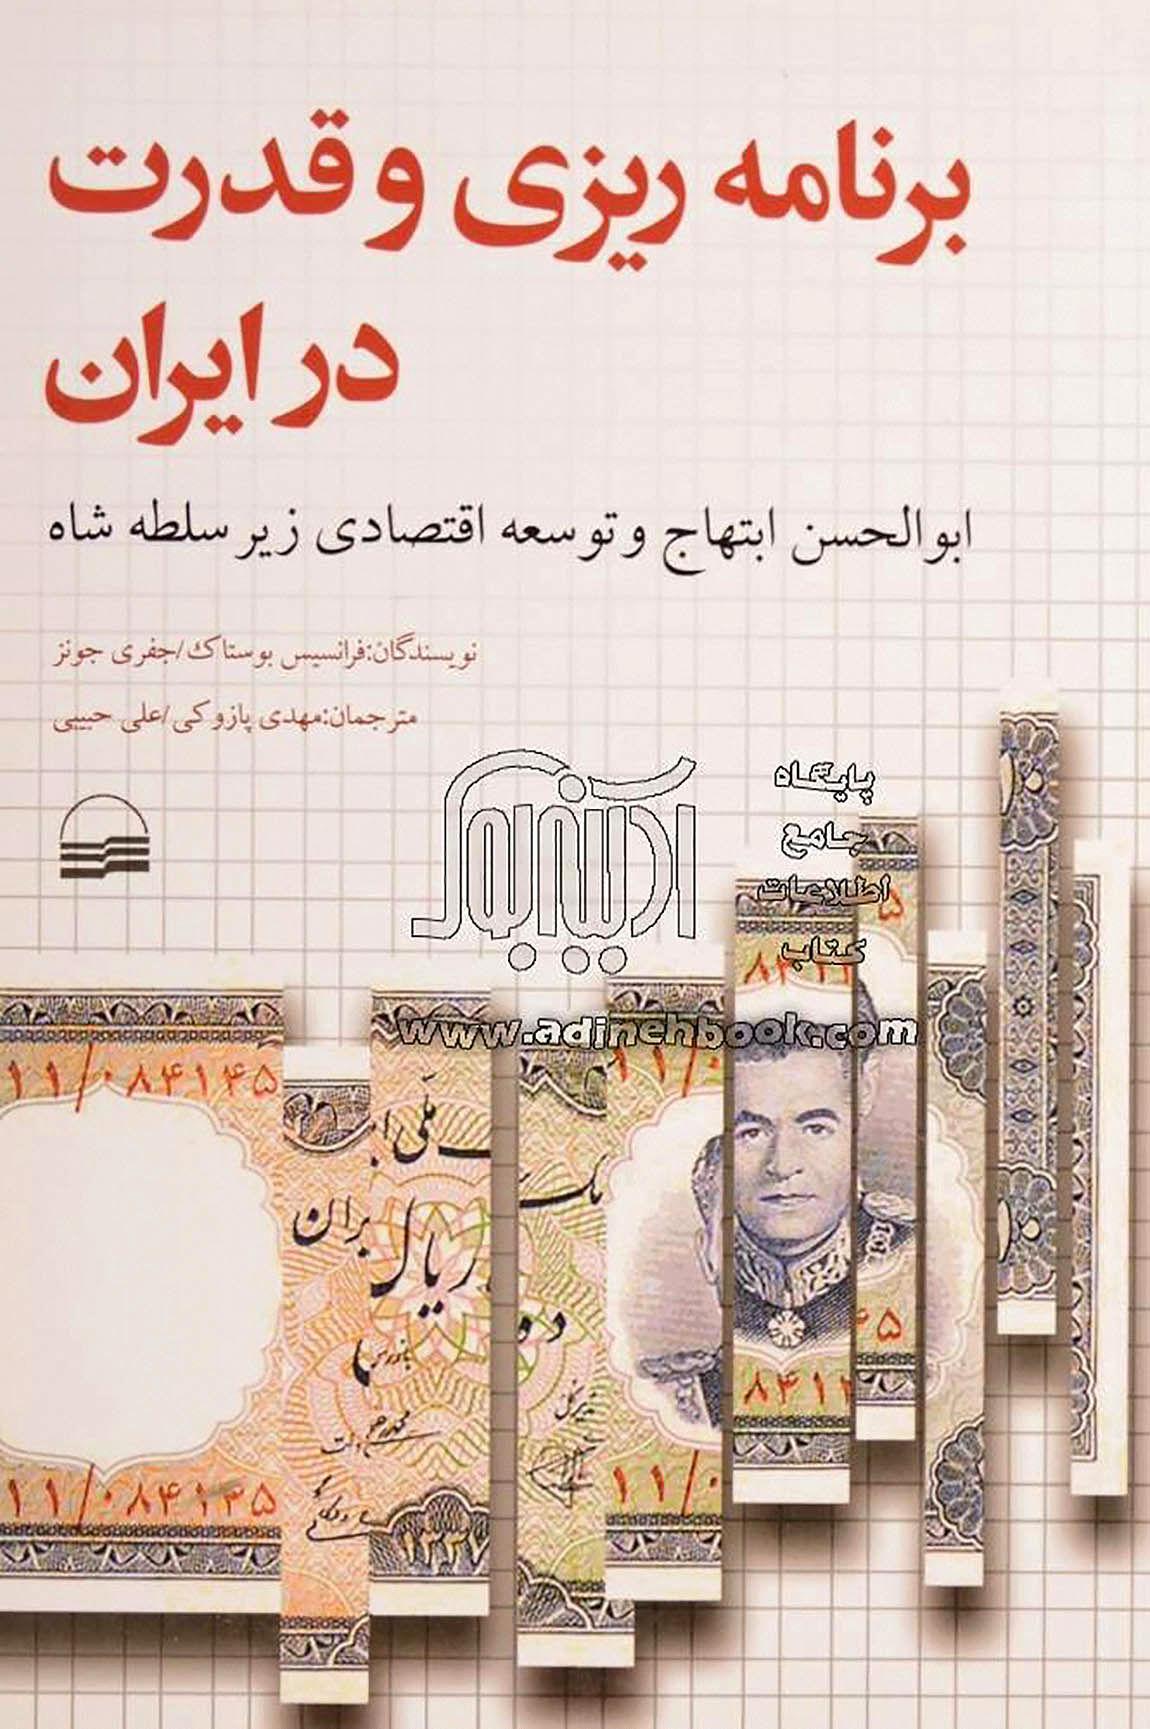 ریشههای برنامهریزی توسعه در ایران